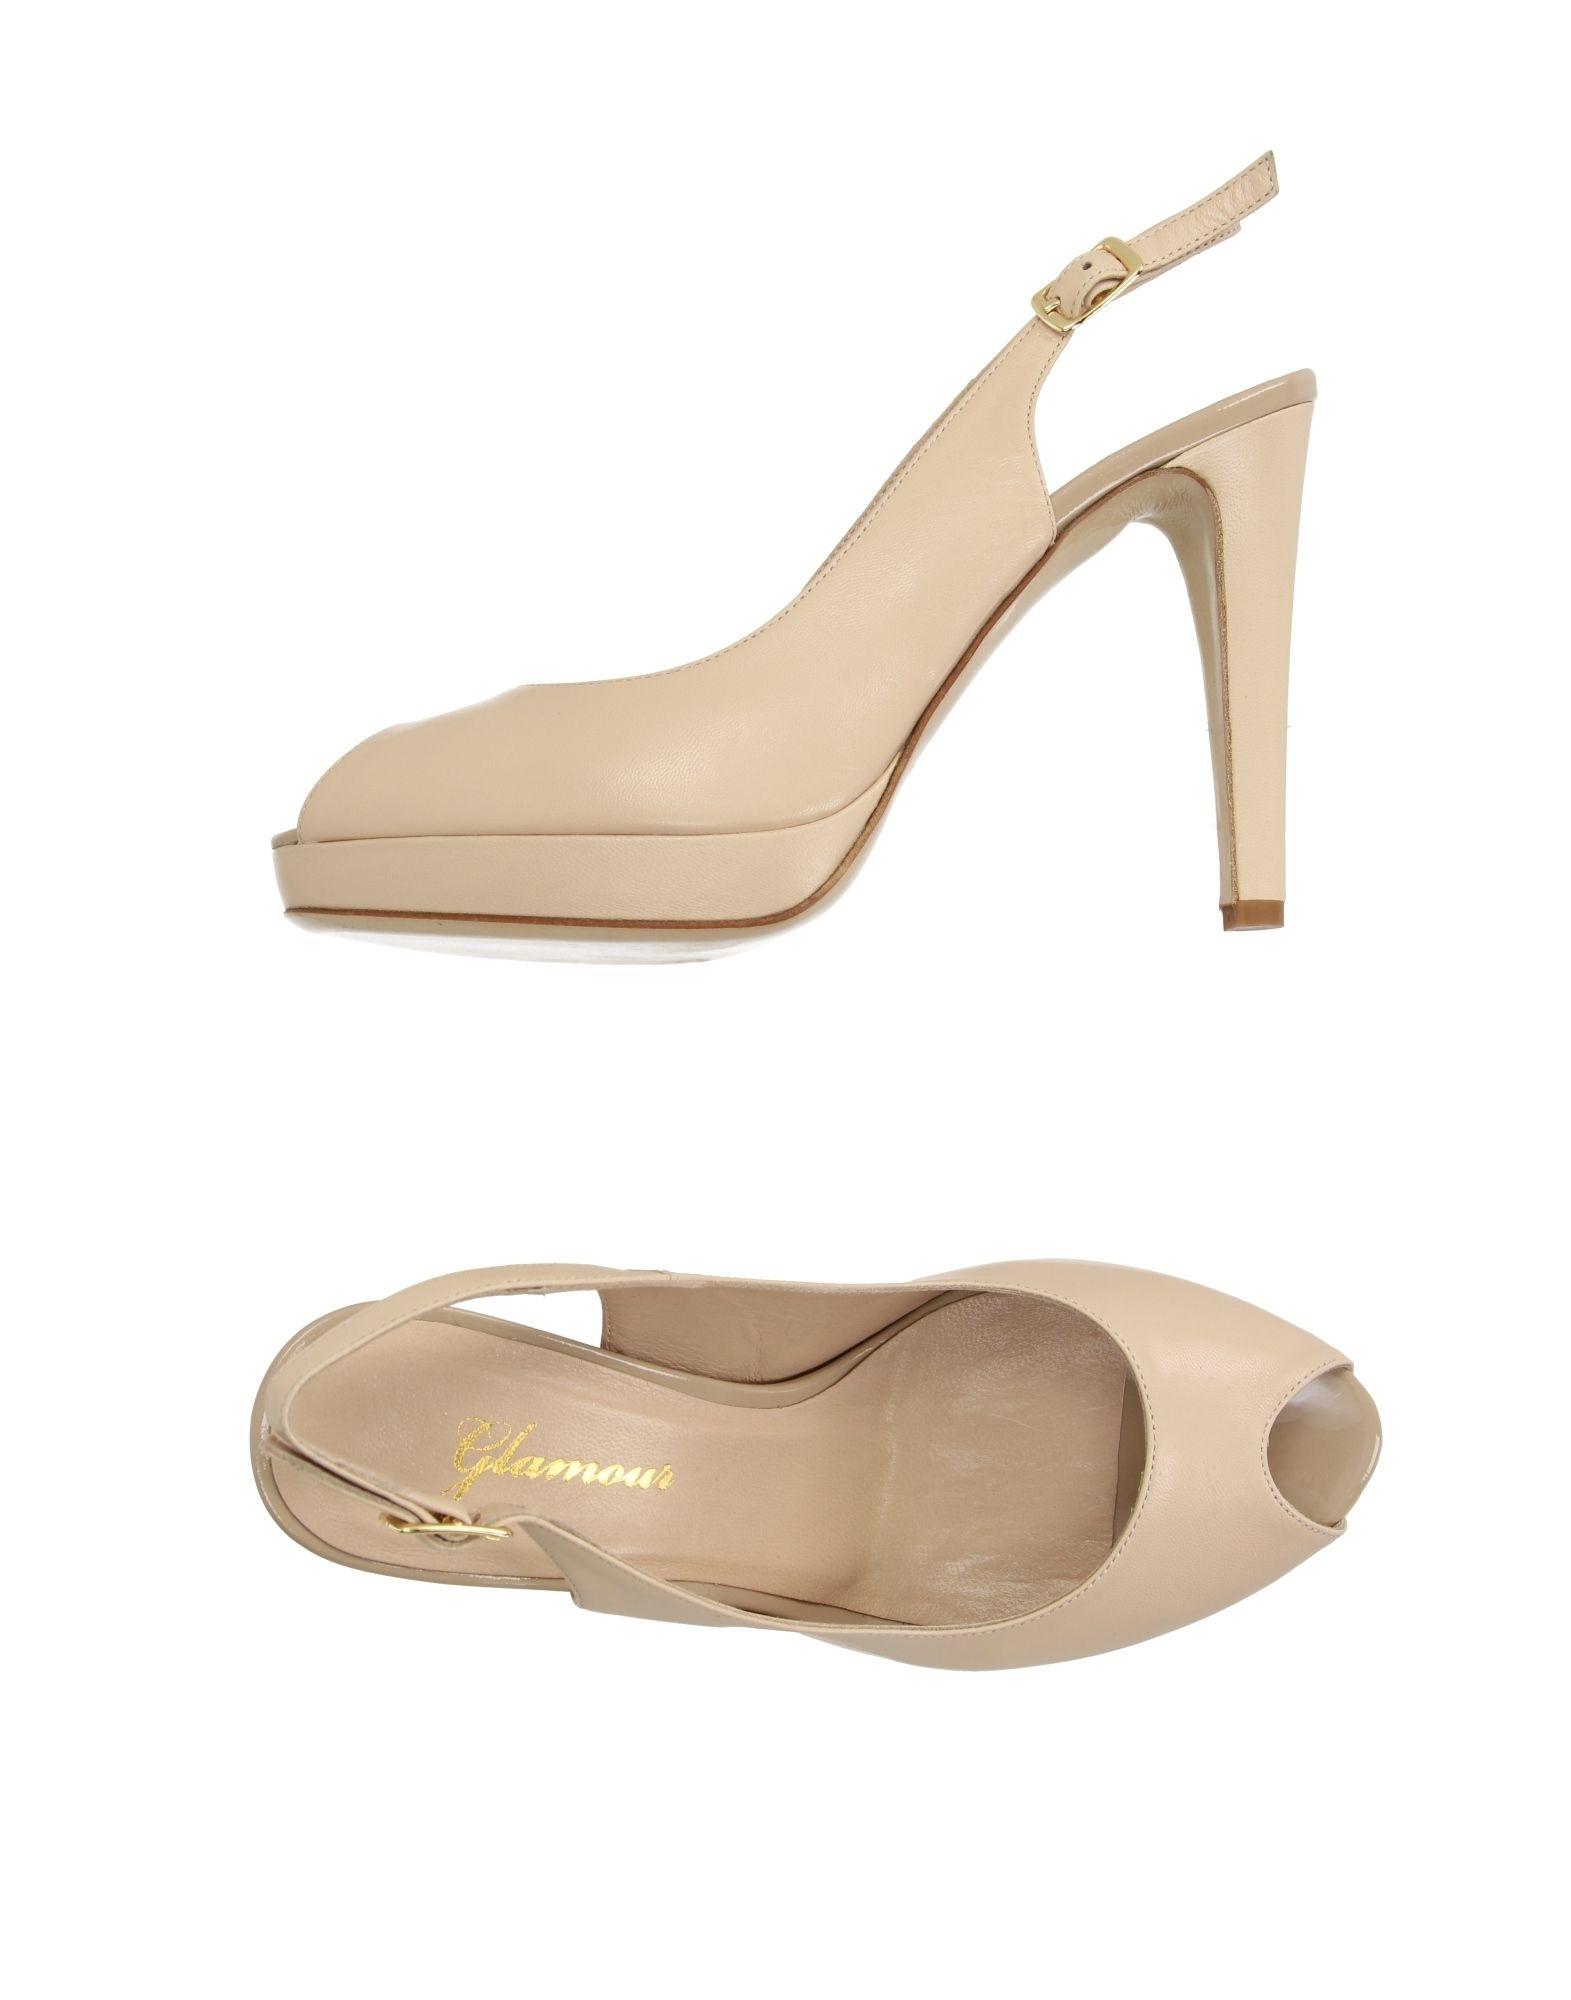 Sandales Glamour Femme - Sandales Glamour sur